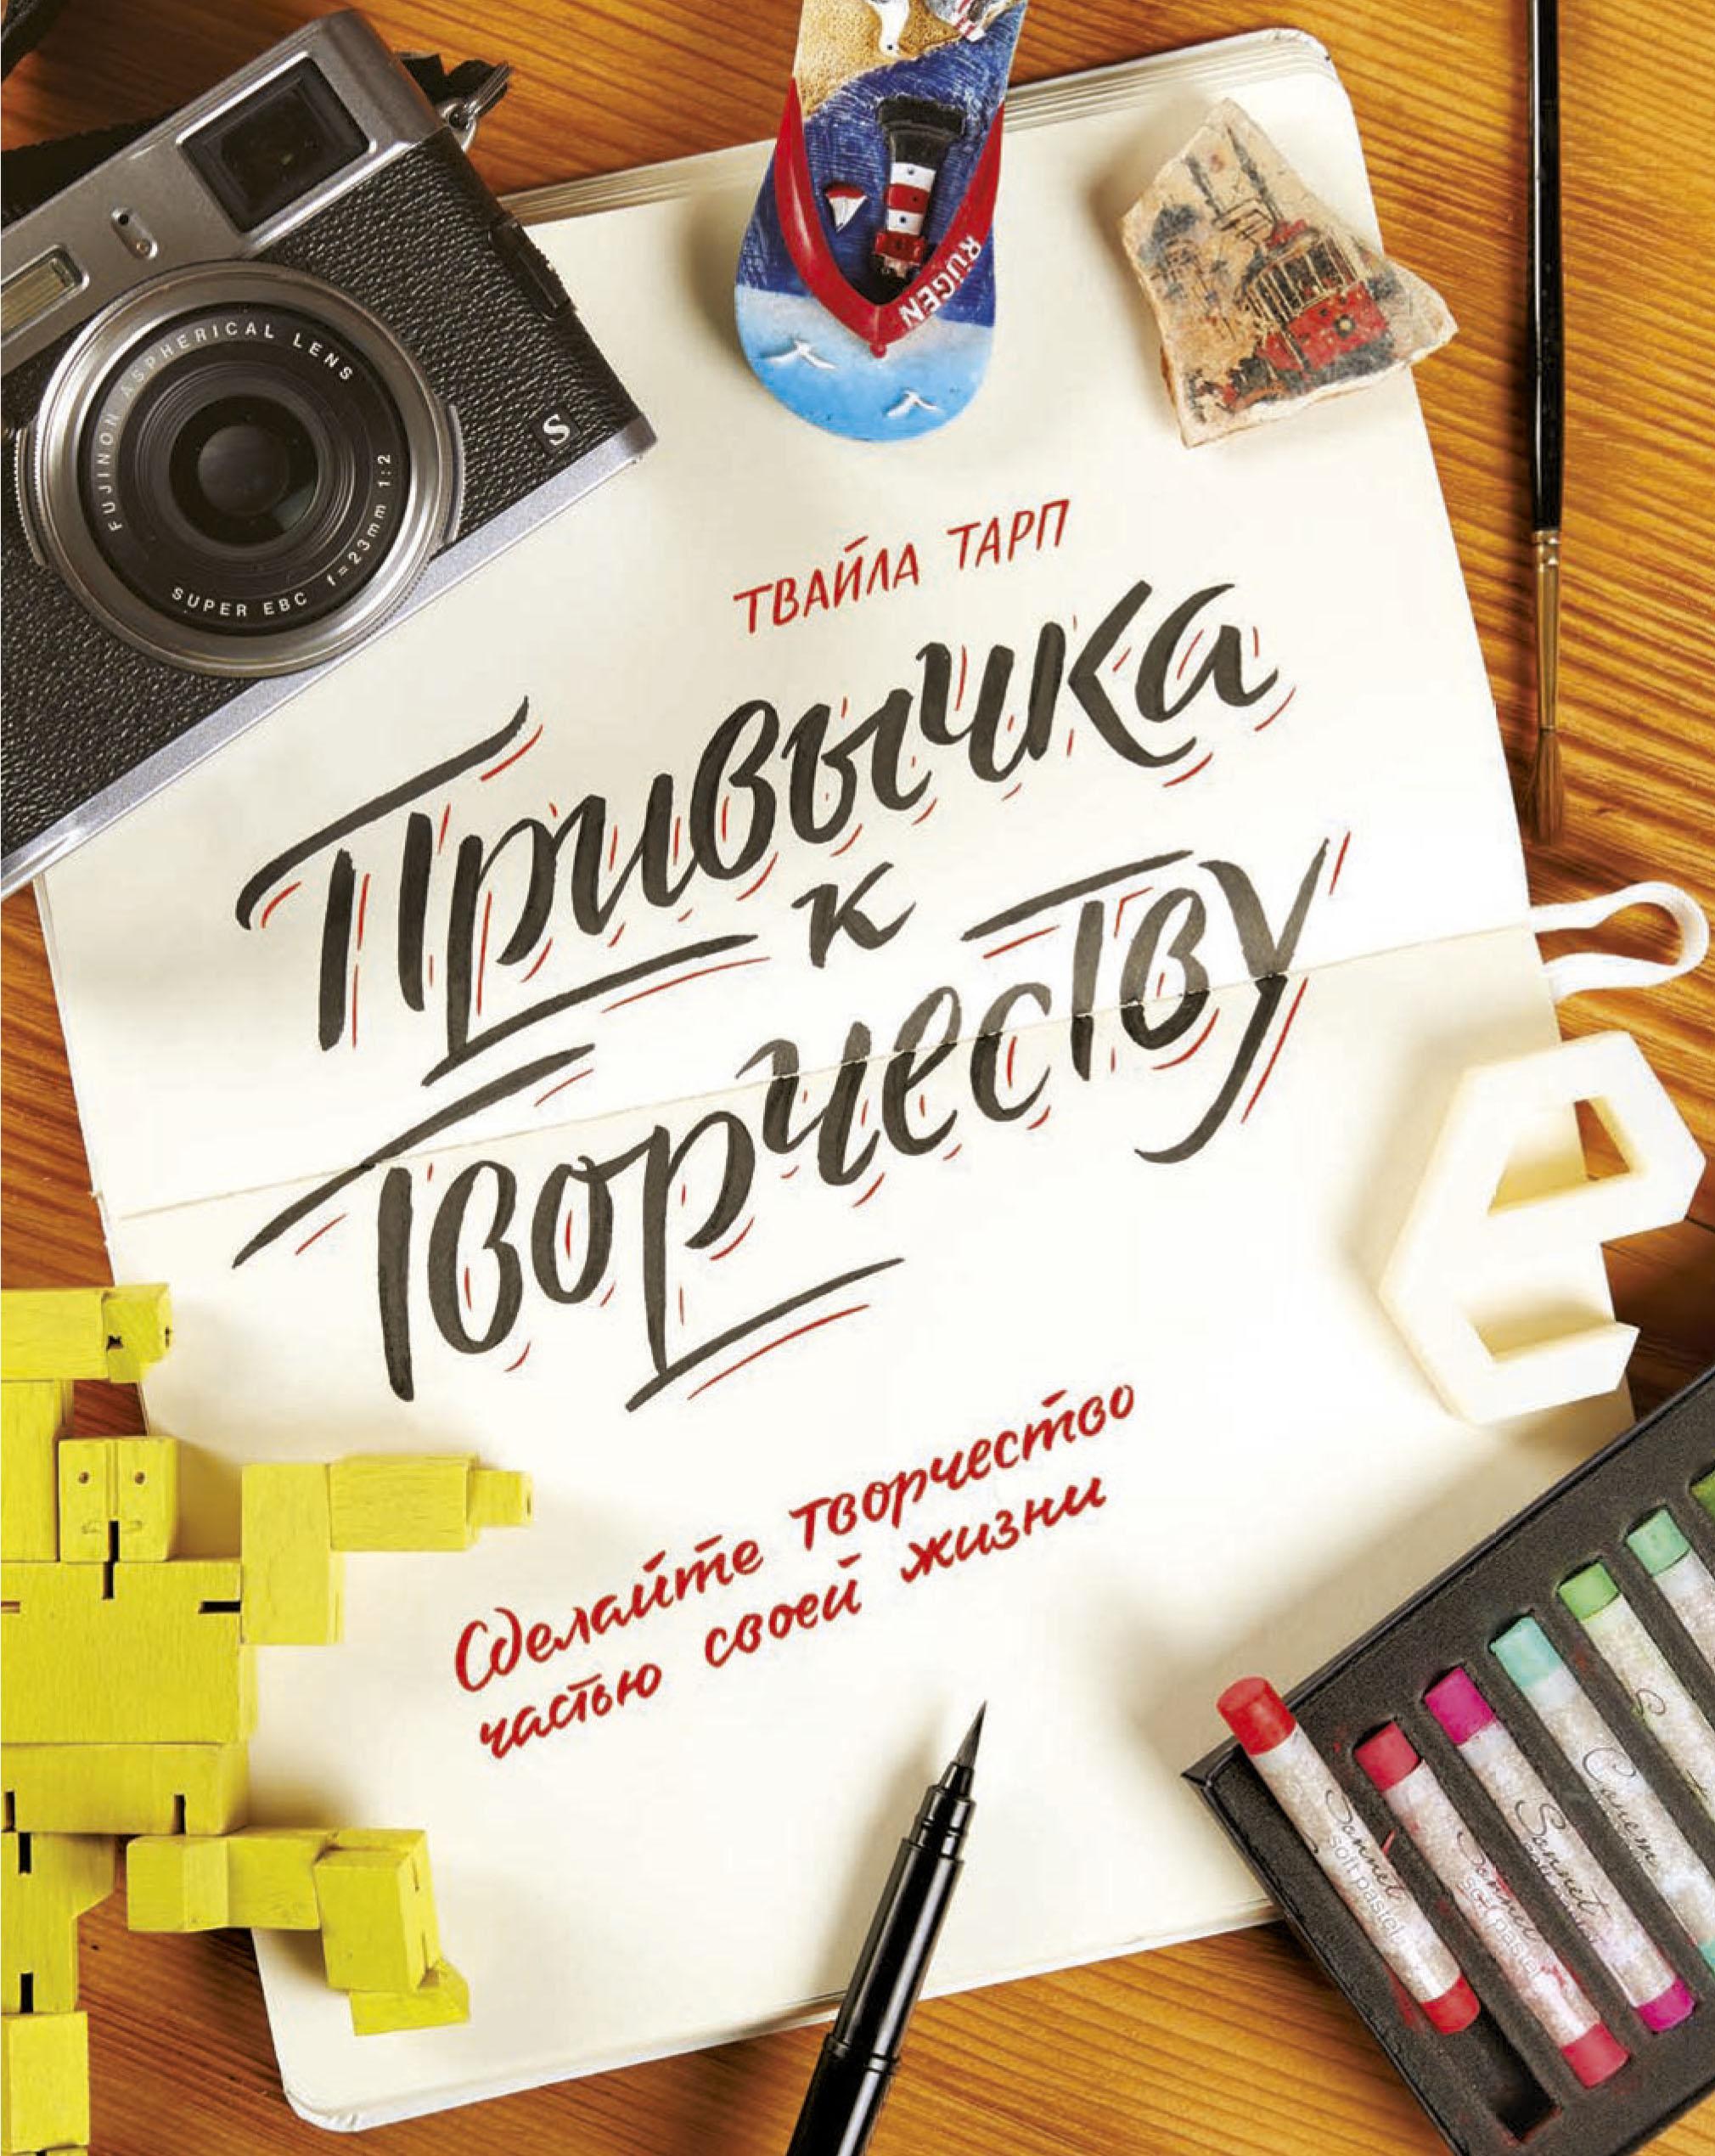 Тарп Т. Привычка к творчеству. Сделайте творчество частью своей жизни.